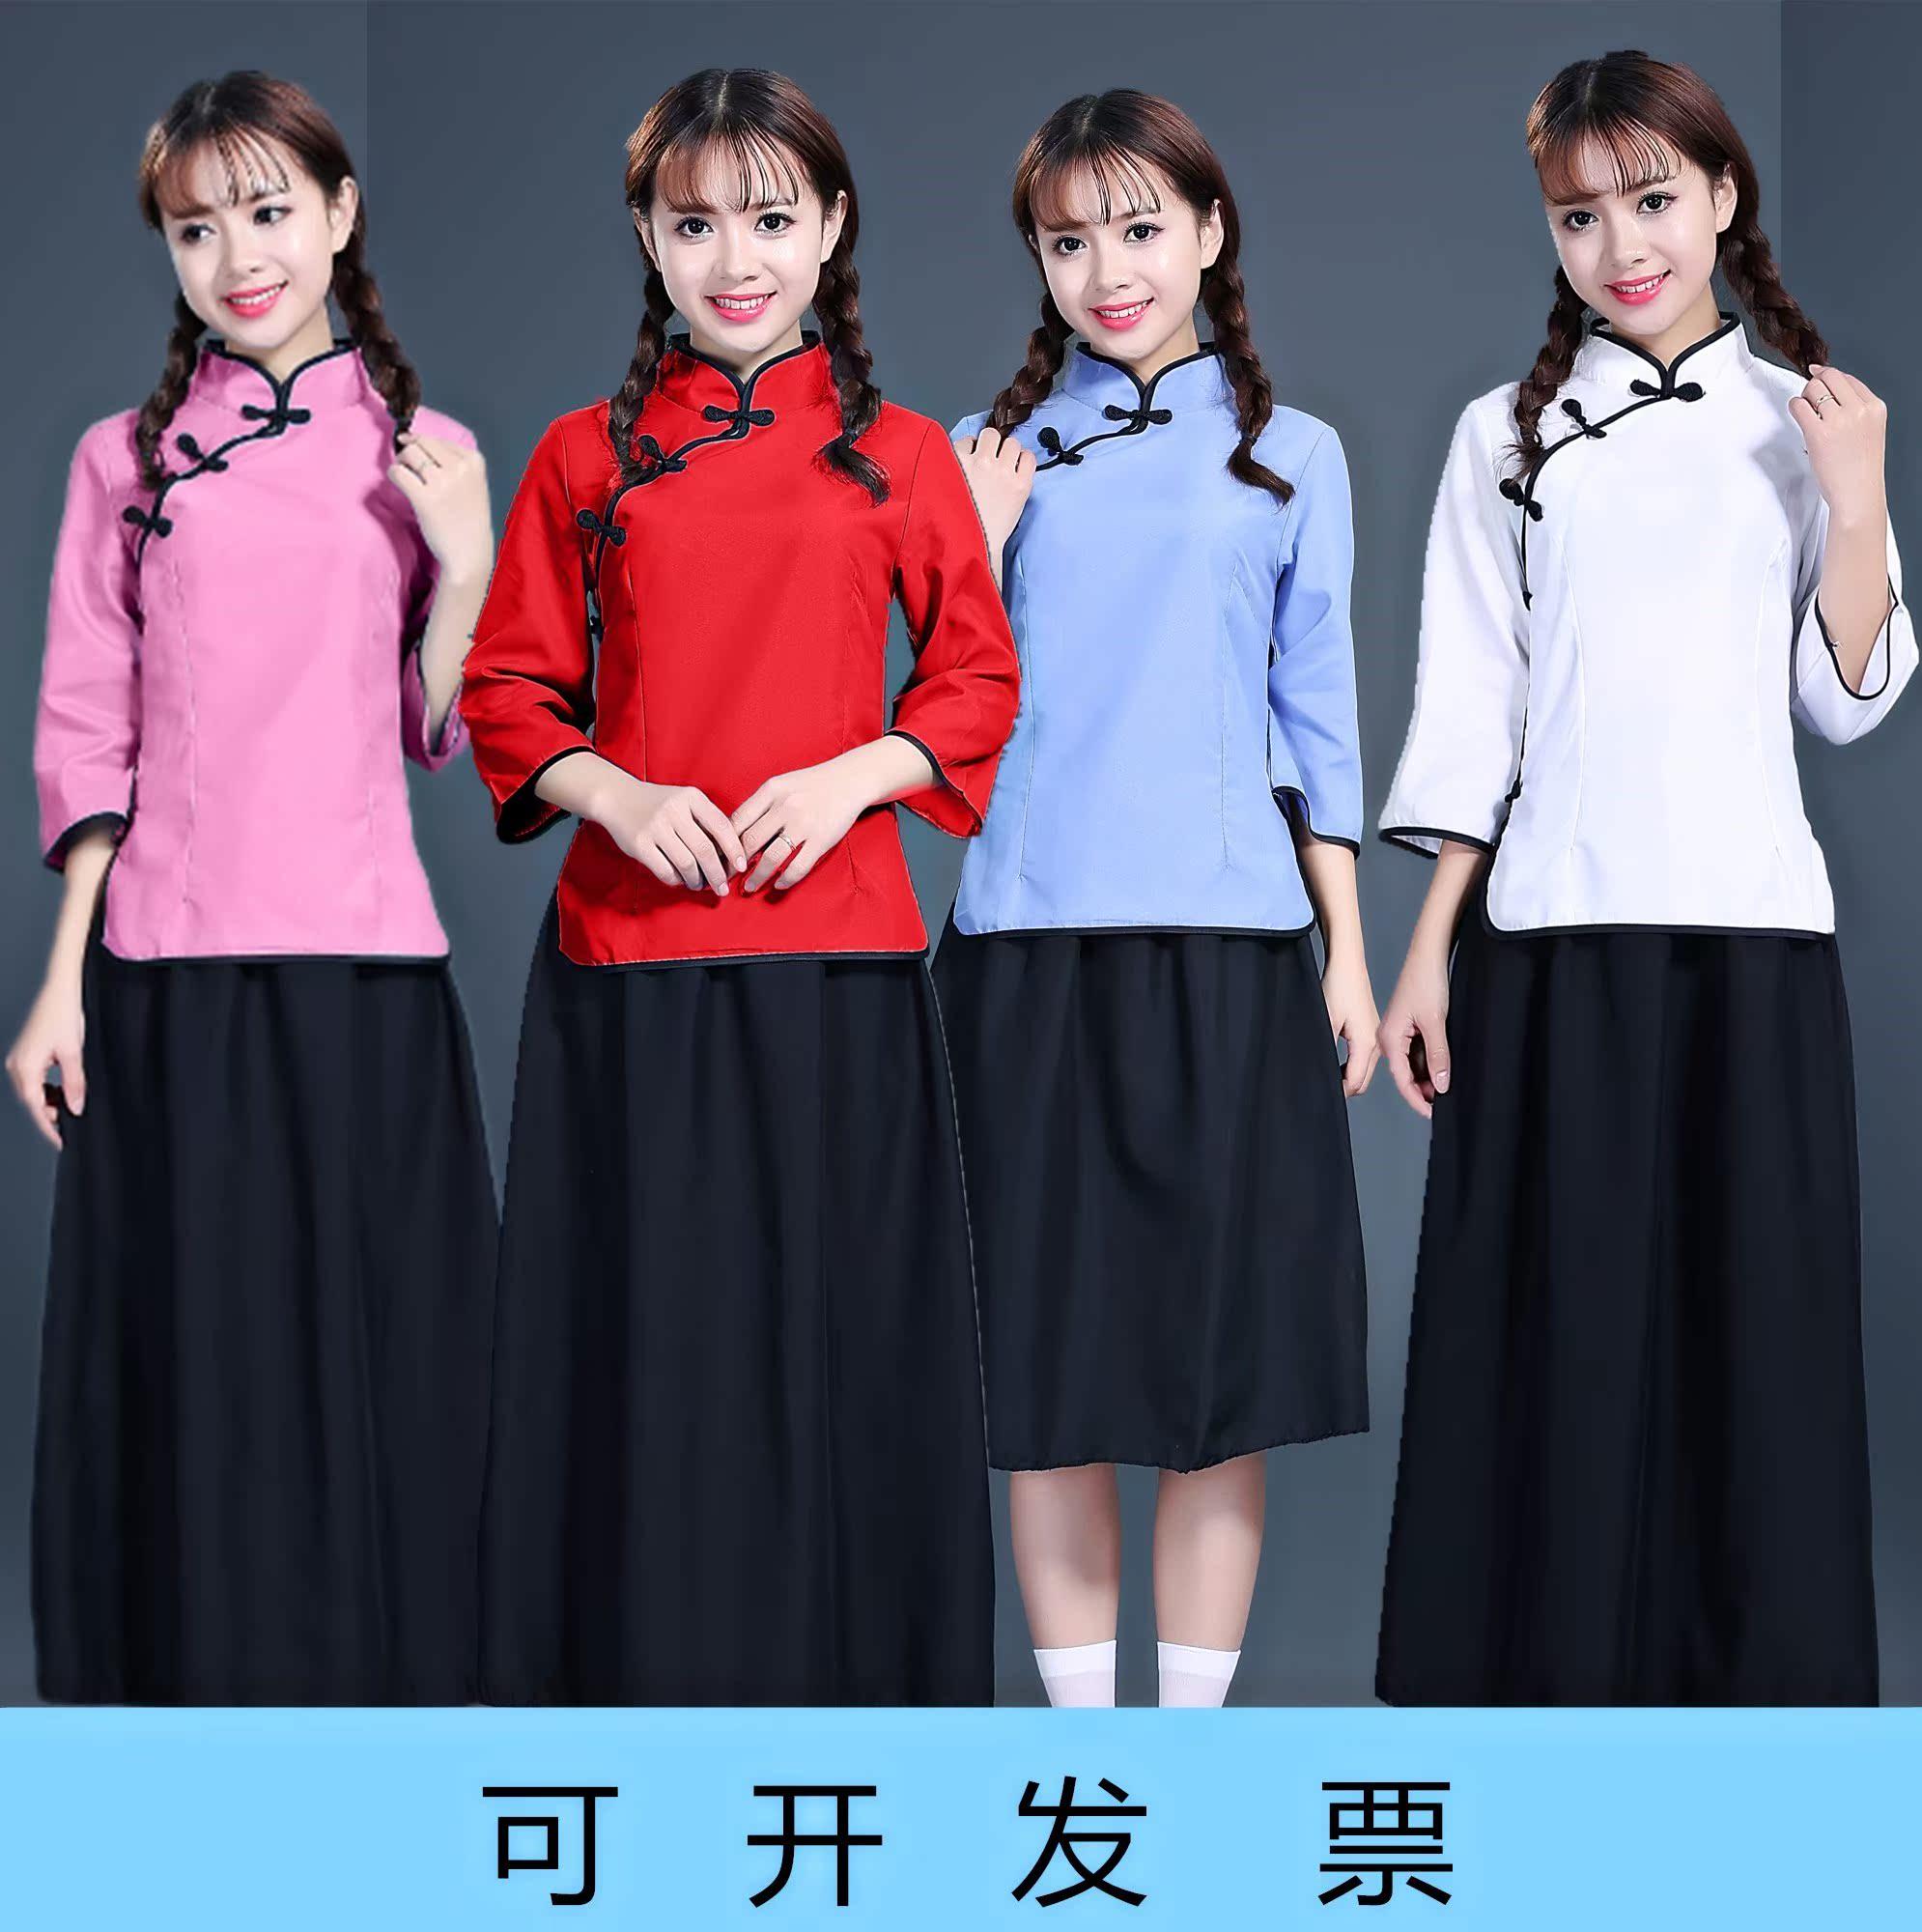 五四青年装女装中山装男装民国风女装民国学生装女古装服装演出服